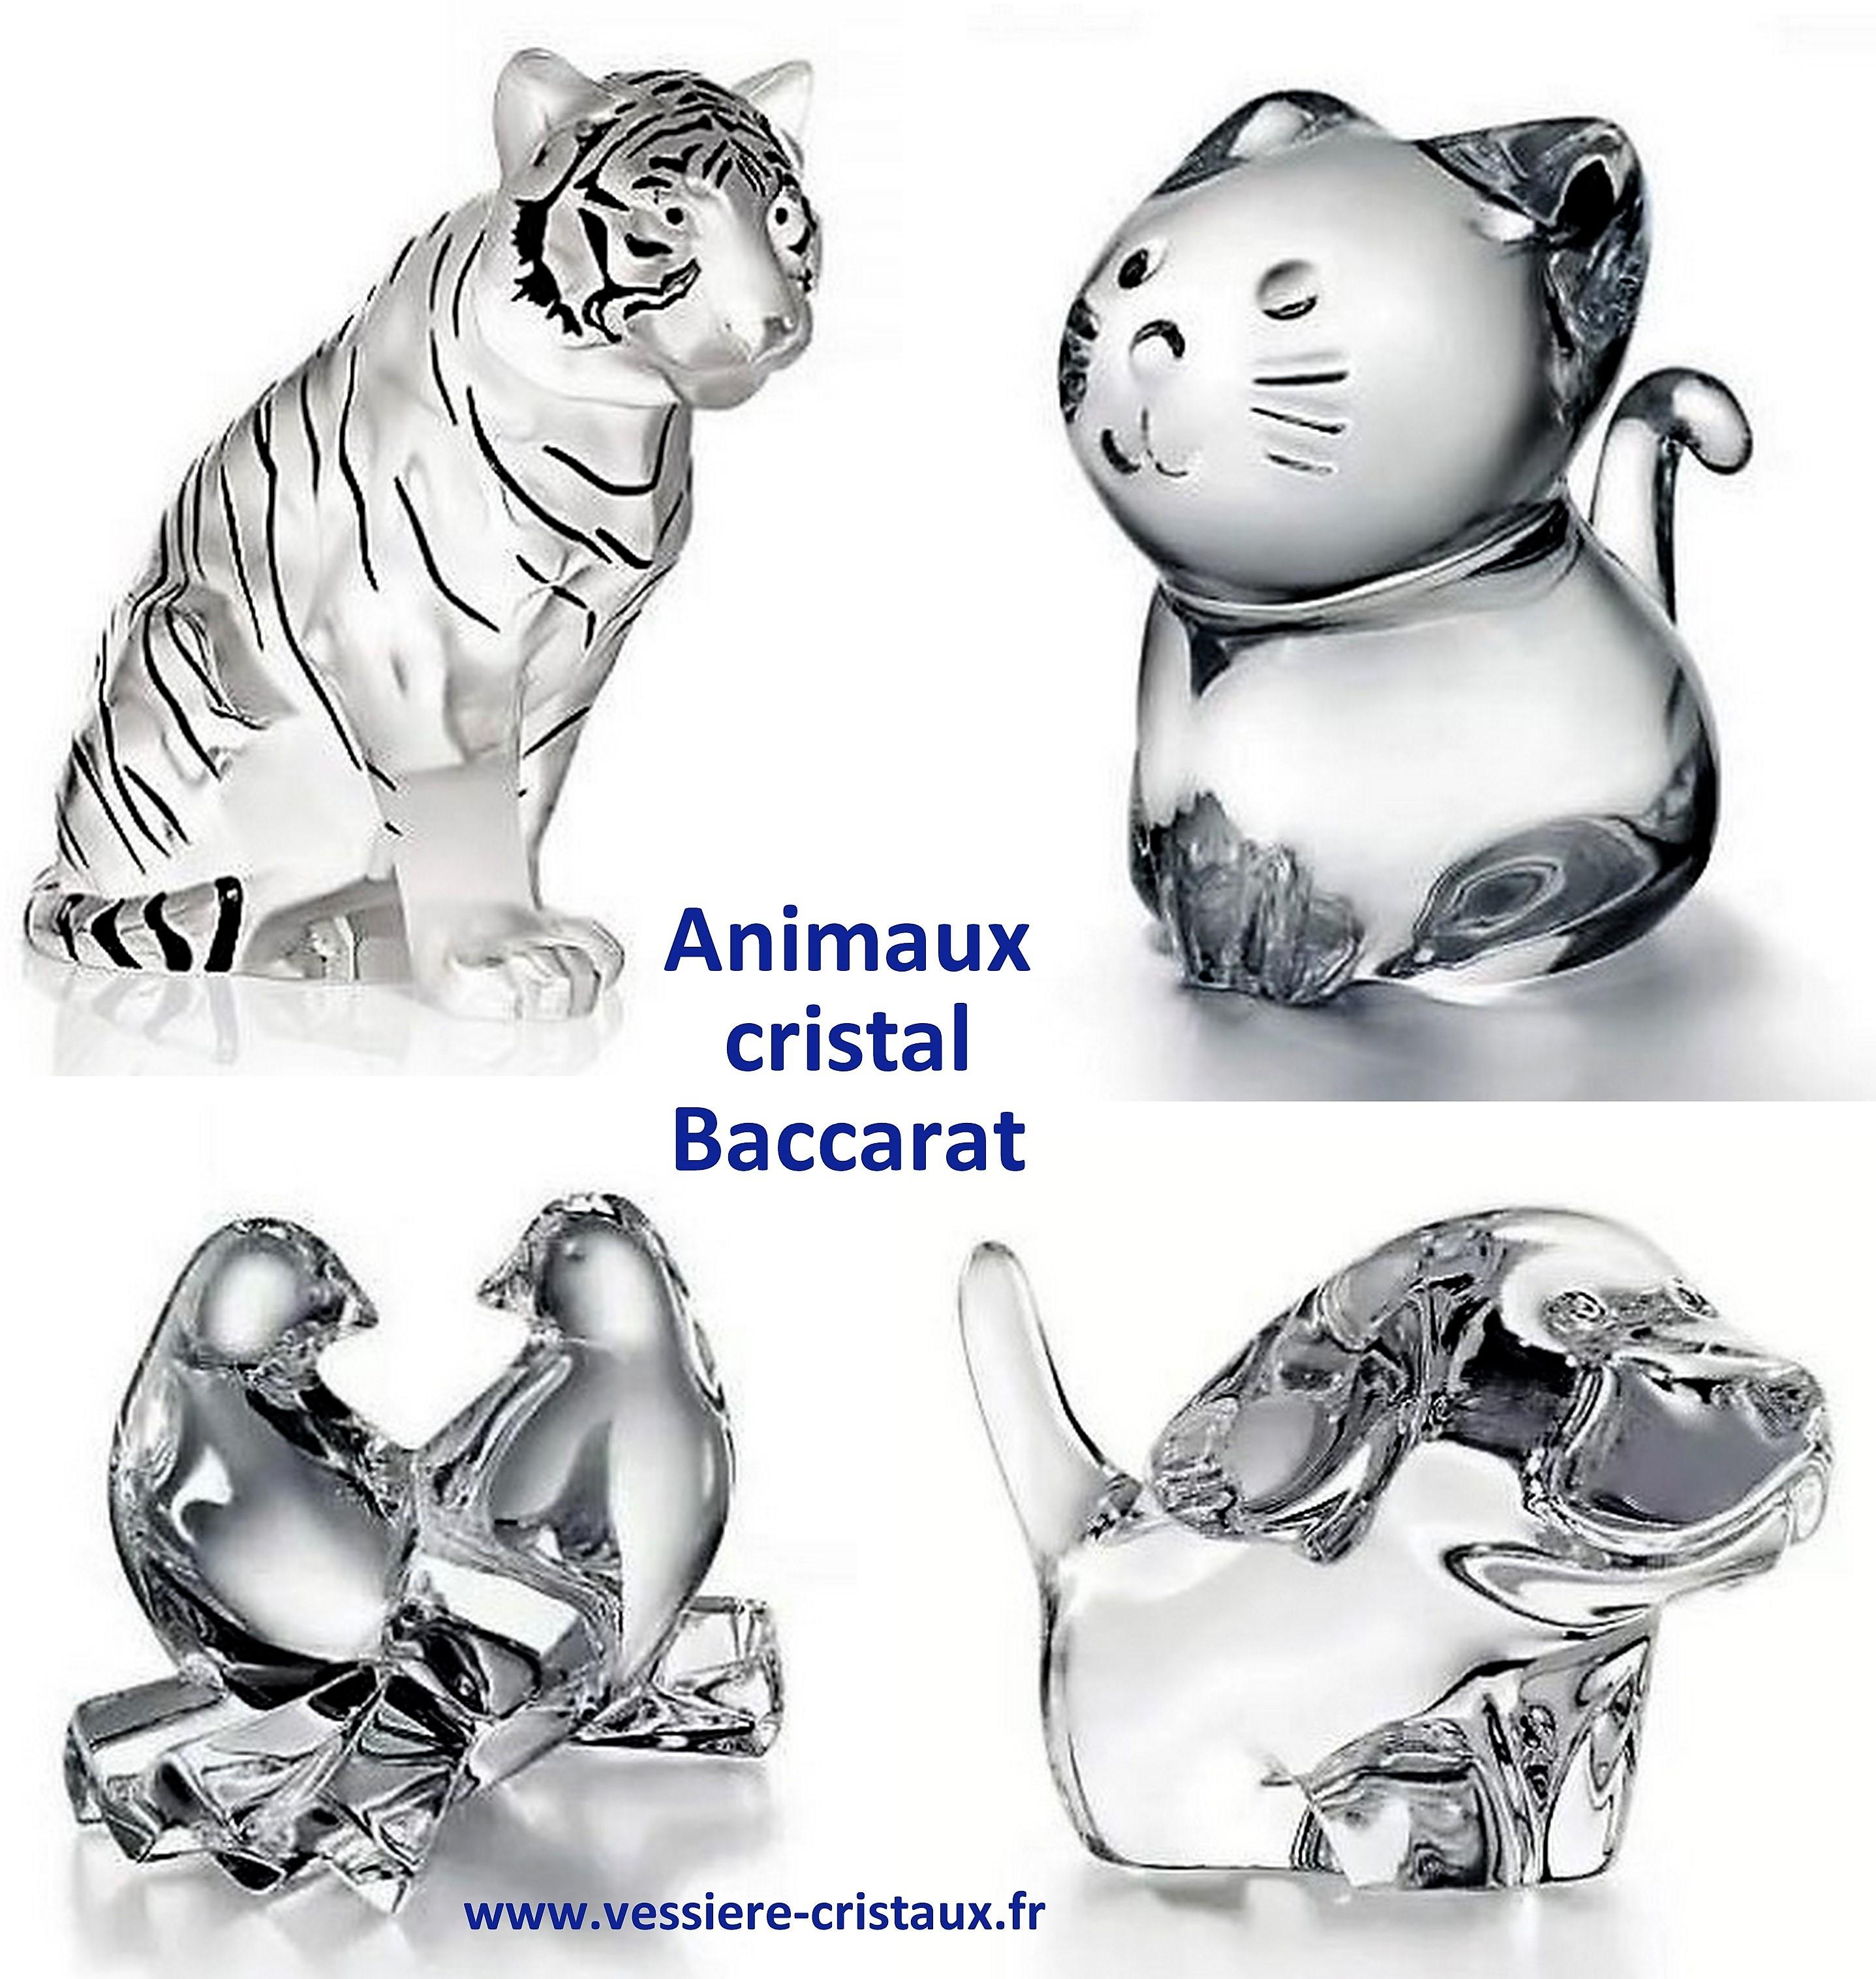 Le Cristal de Baccarat, du made in France